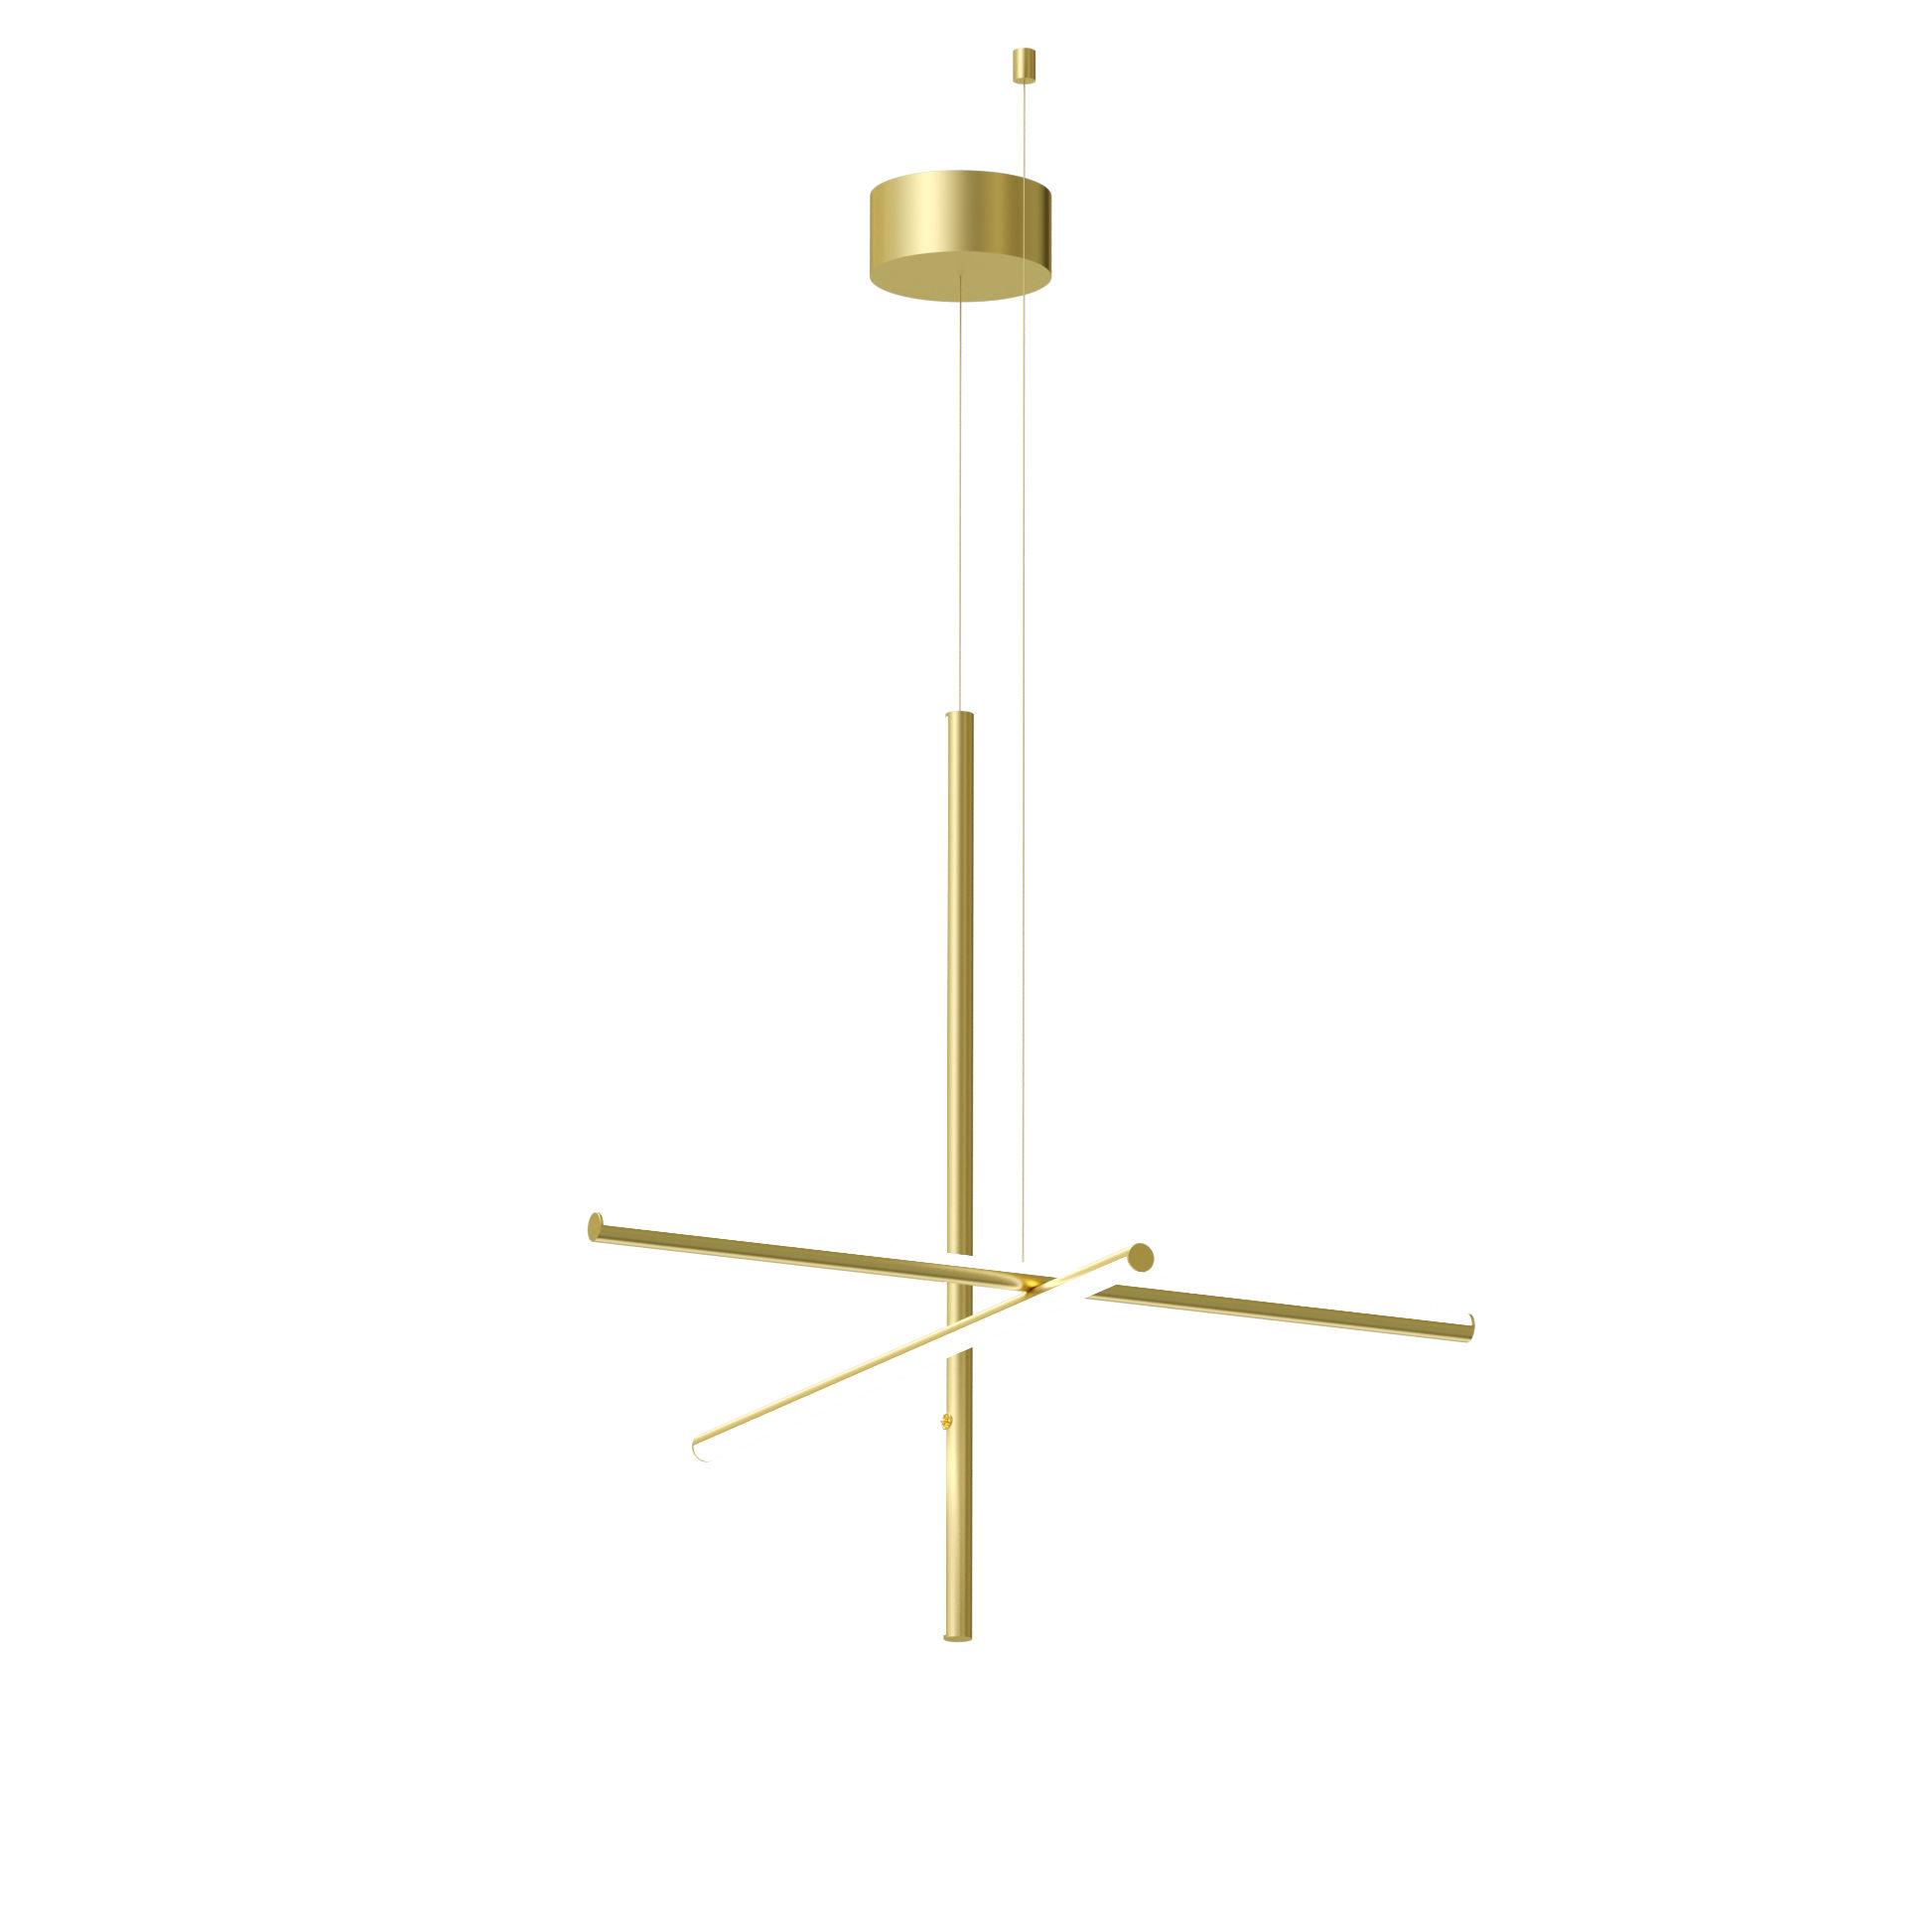 Luminaire - Suspensions - Suspension Coordinates  S1 LED/ L 78 x H 78 cm - Flos - Champagne anodisé - Aluminium extrudé